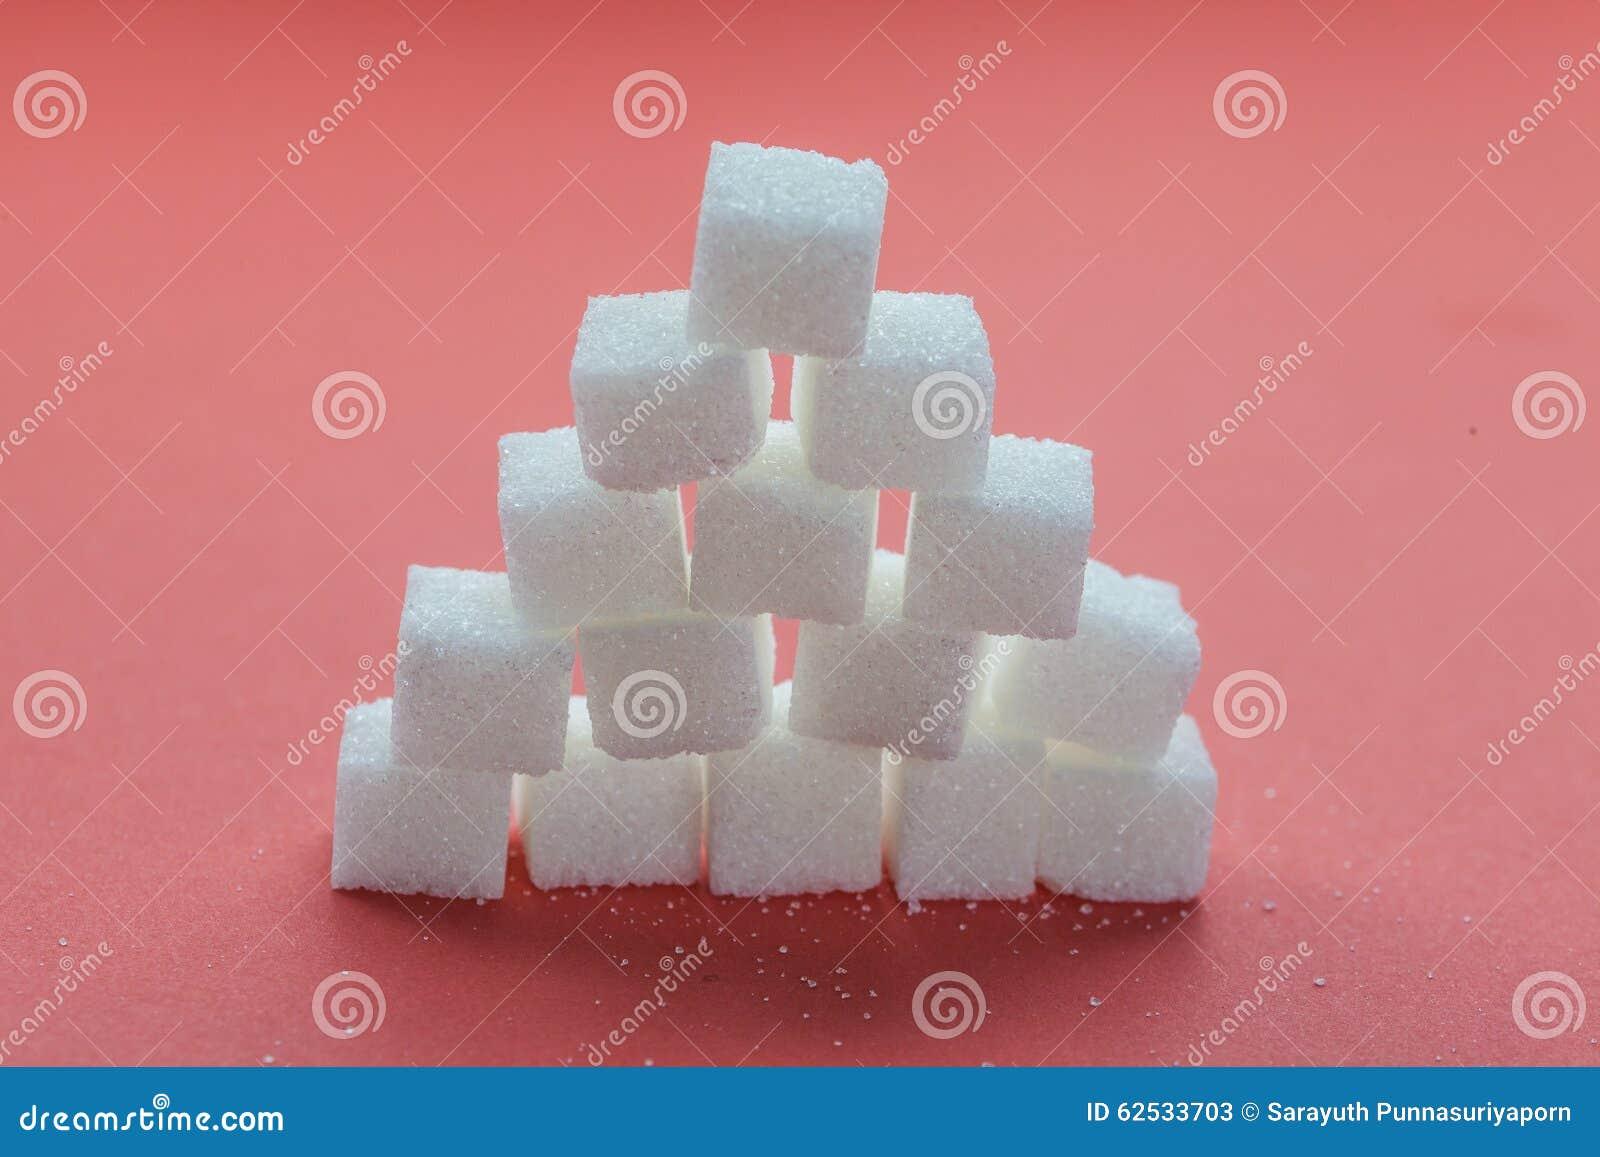 堆糖求堆积在红色背景的立方